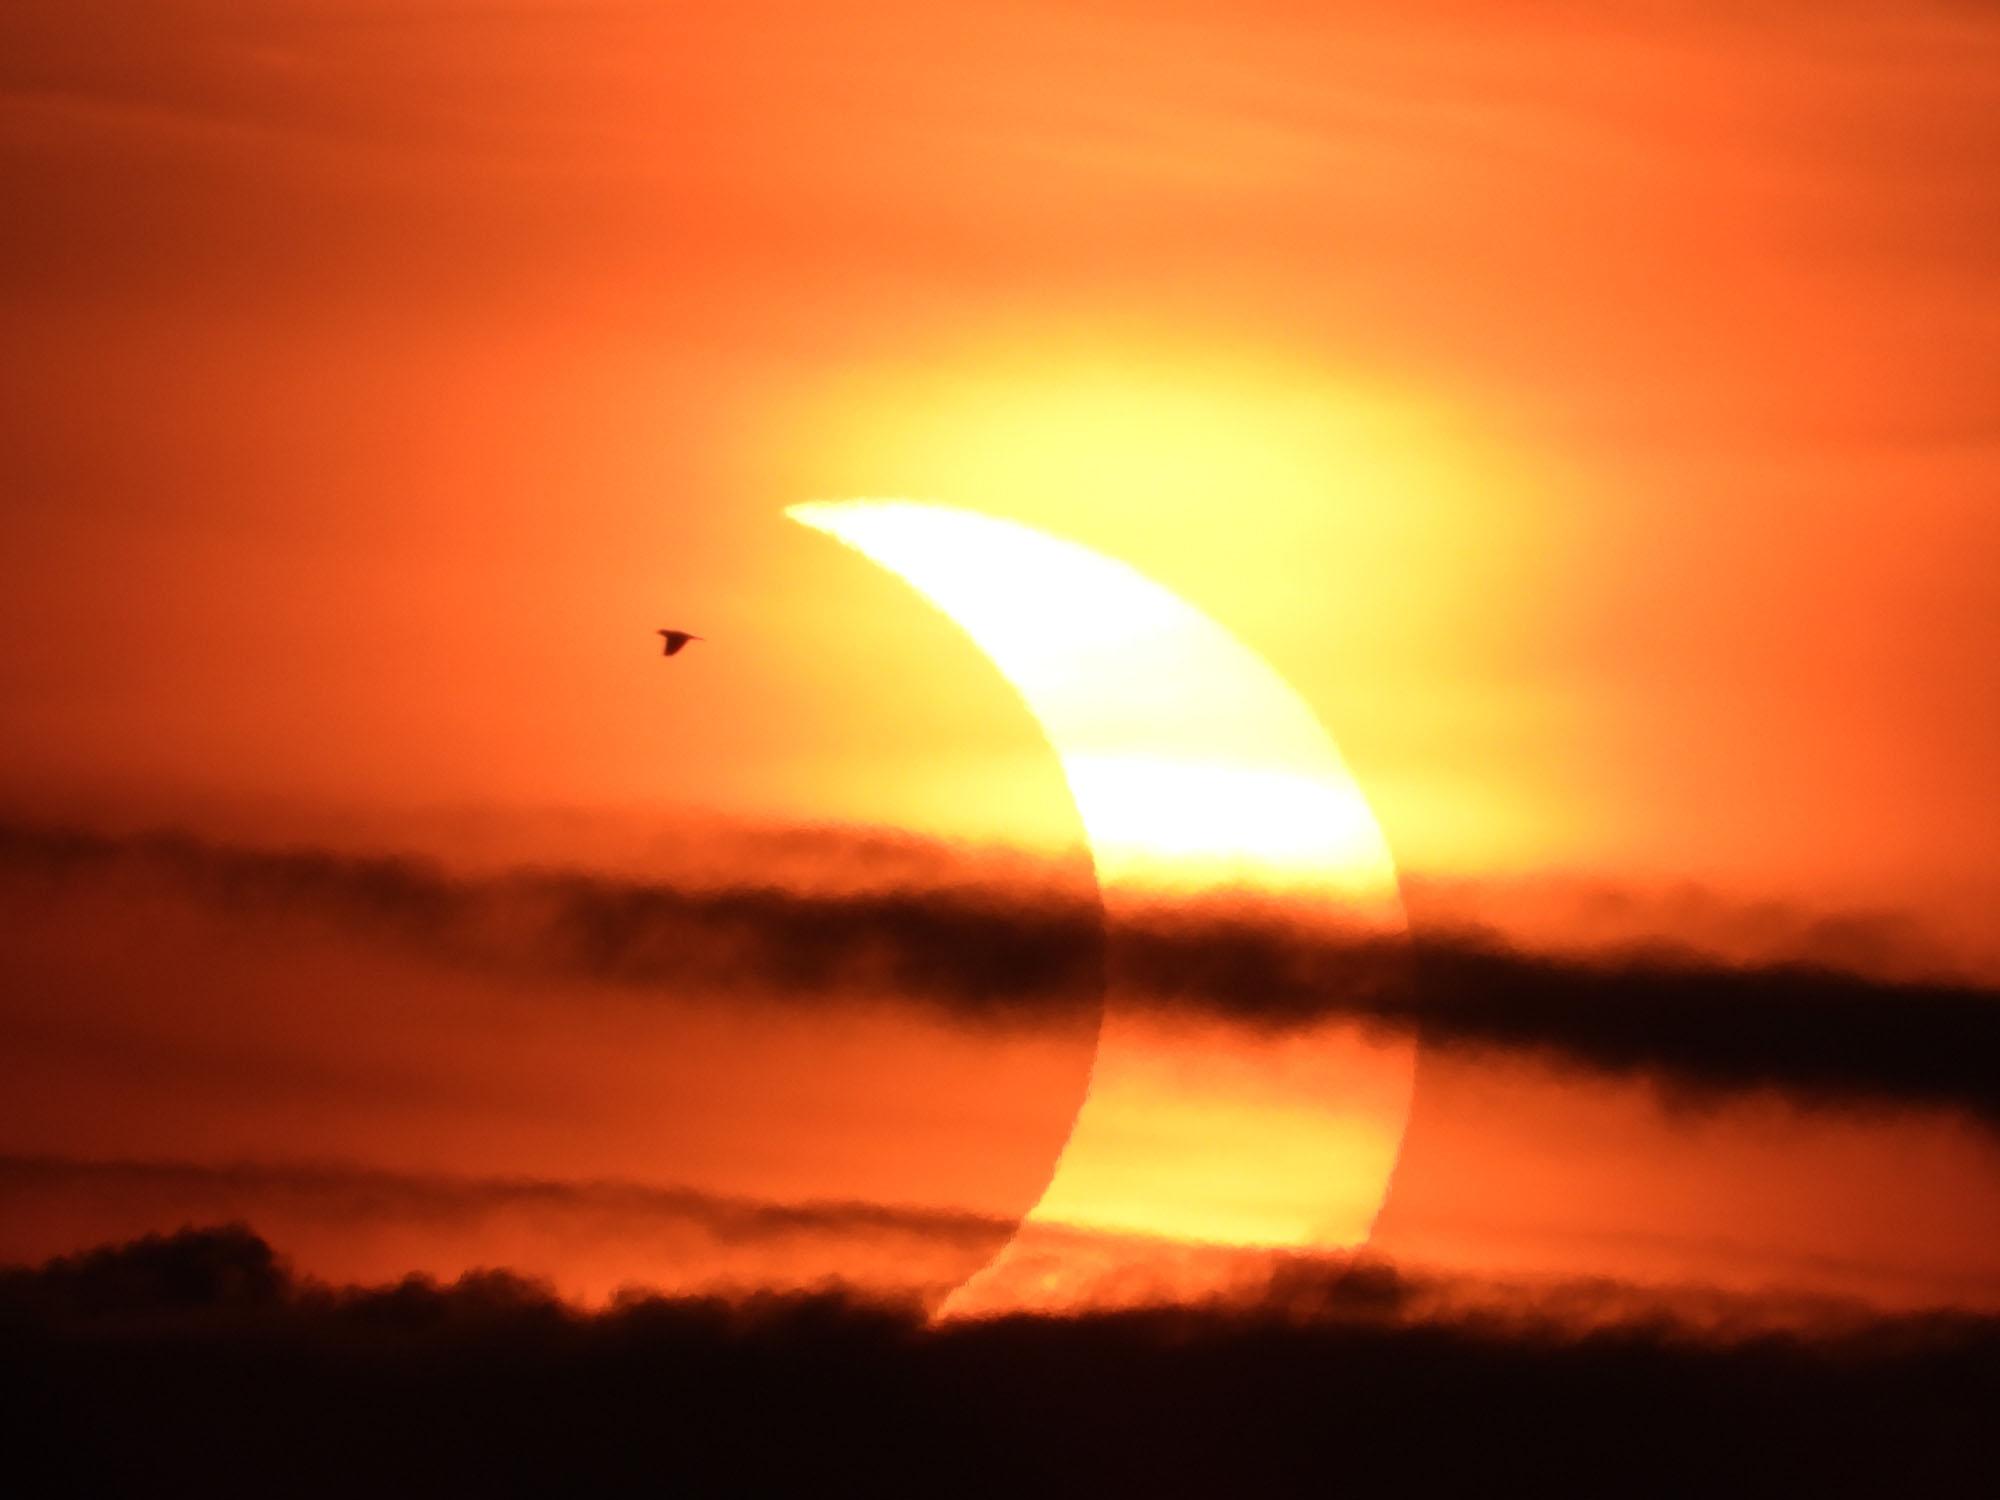 Un croissant de soleil culmine à travers les nuages alors qu'un oiseau survole cette superbe photo de l'observateur du ciel James Logue, qui a pris la photo de Jim Thorpe, en Pennsylvanie, lors de l'éclipse solaire partielle du 10 juin 2021.